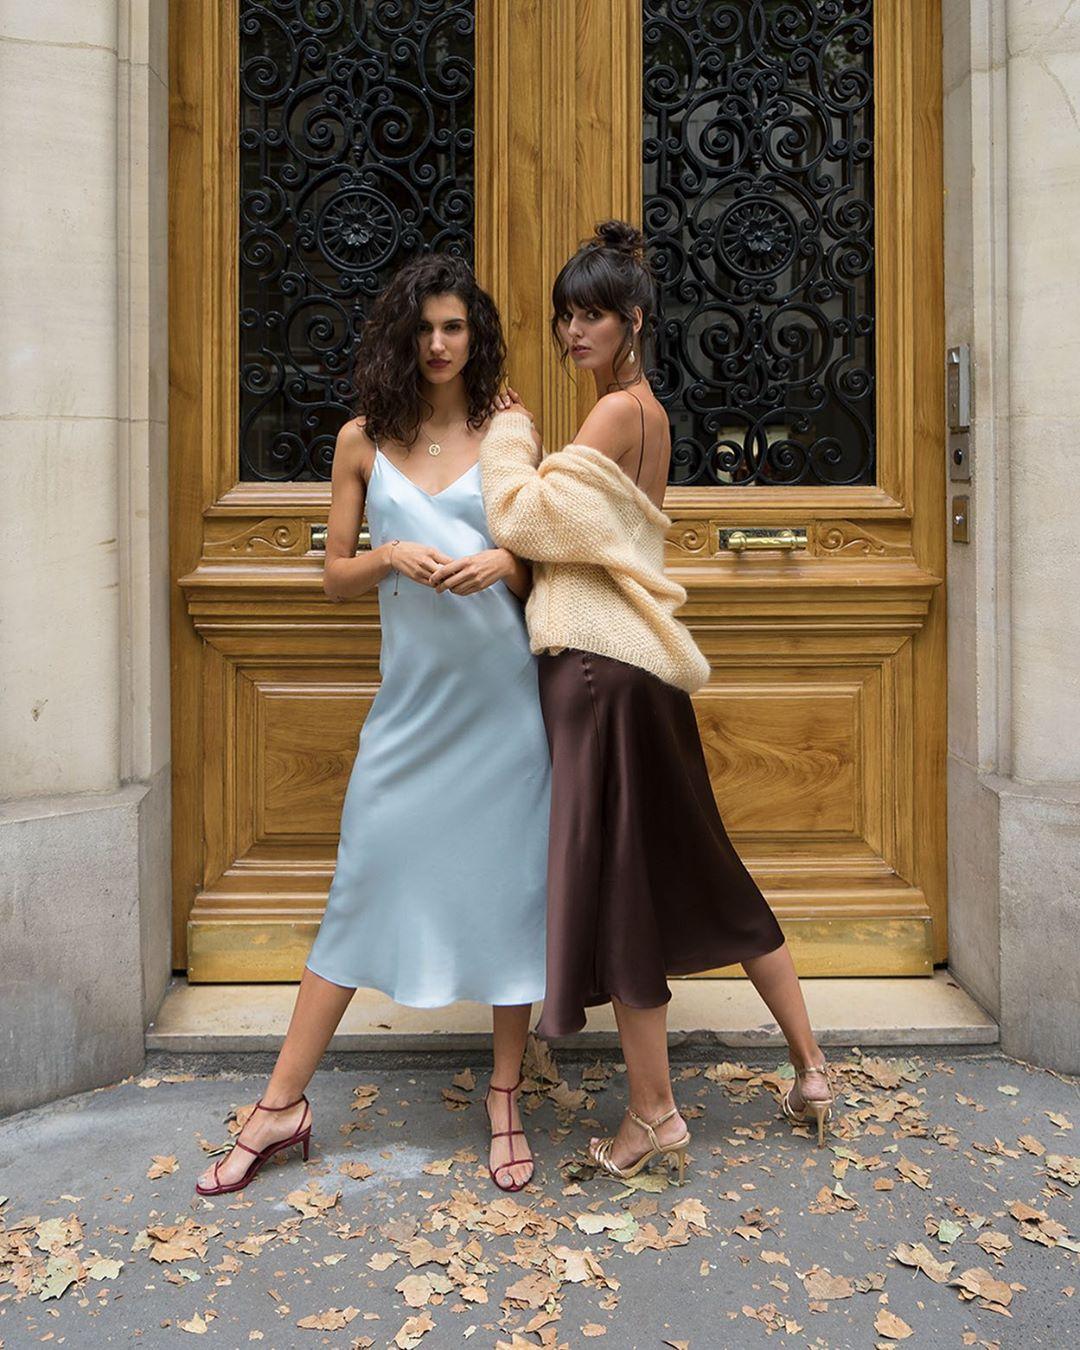 Phụ nữ Pháp cứ diện váy lụa đẹp mê thế này, chị em ngắm rồi sẽ muốn tậu ngay cho tủ Xuân - Hè 'cả lố' với muôn màu sắc 5